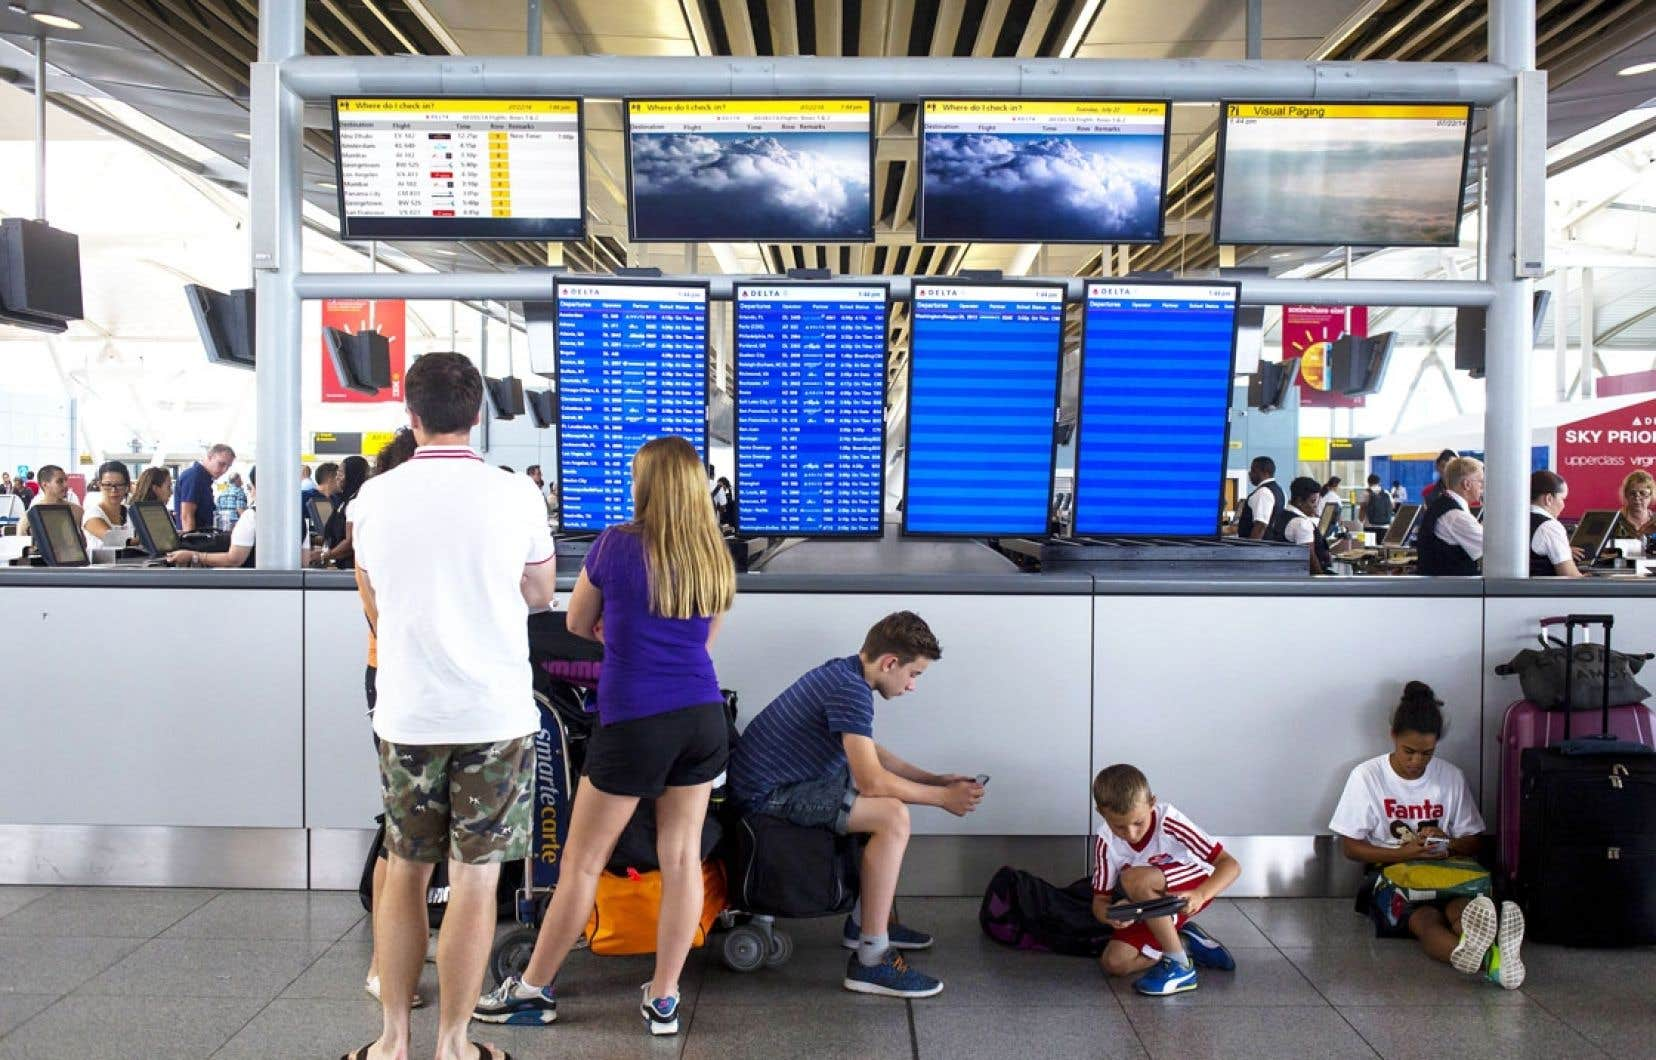 Des voyageurs en attente à l'aéroport John F. Kennedy de New York mardi. Les vols à destination de Tel-Aviv ont été annulés.